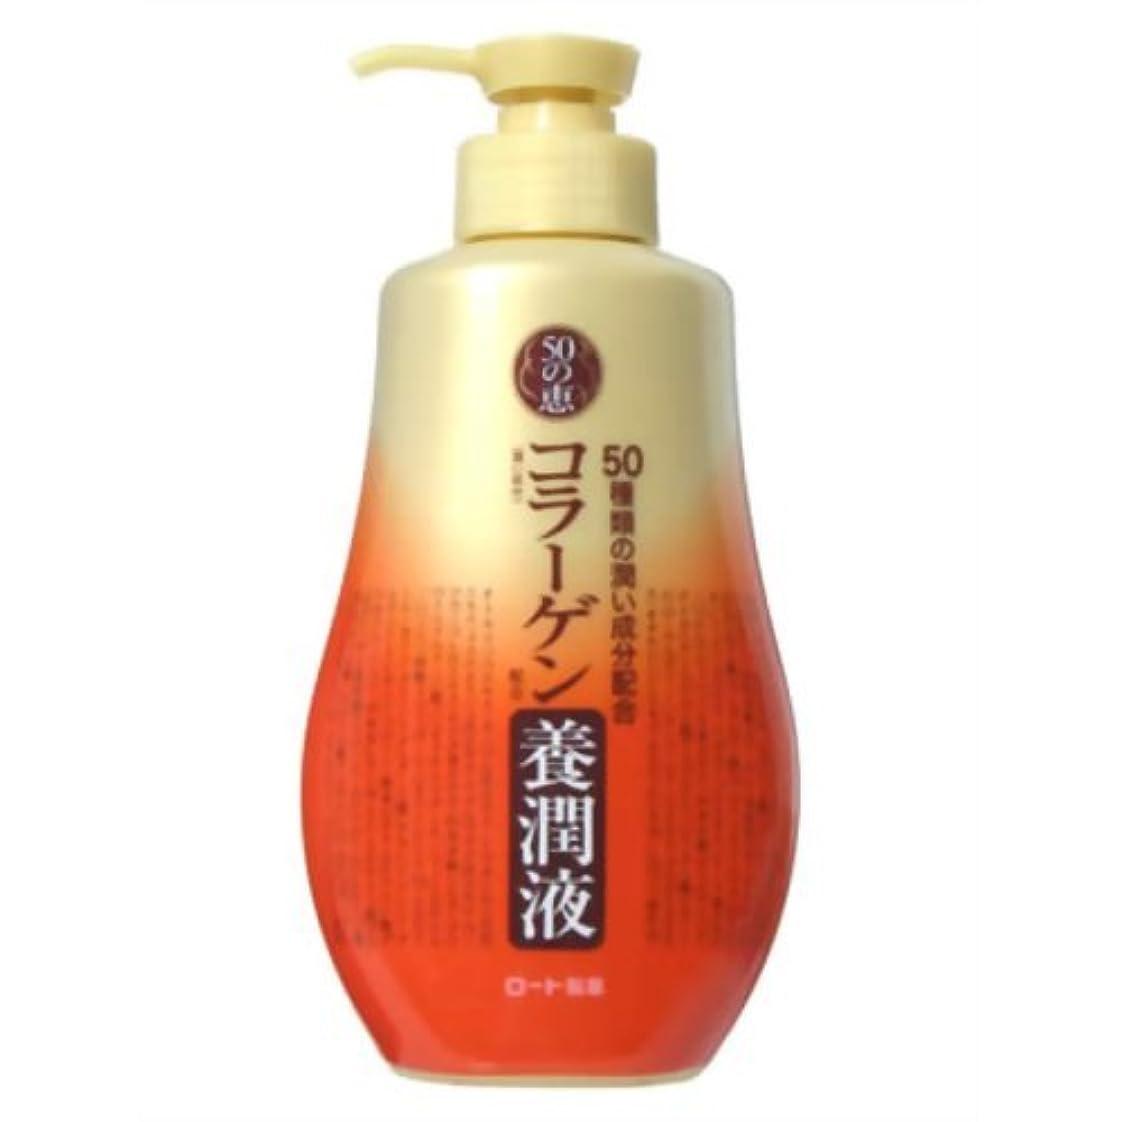 施しポジティブ保全50の恵 コラーゲン配合養潤液 乳白化粧水 本体ボトル 230ml